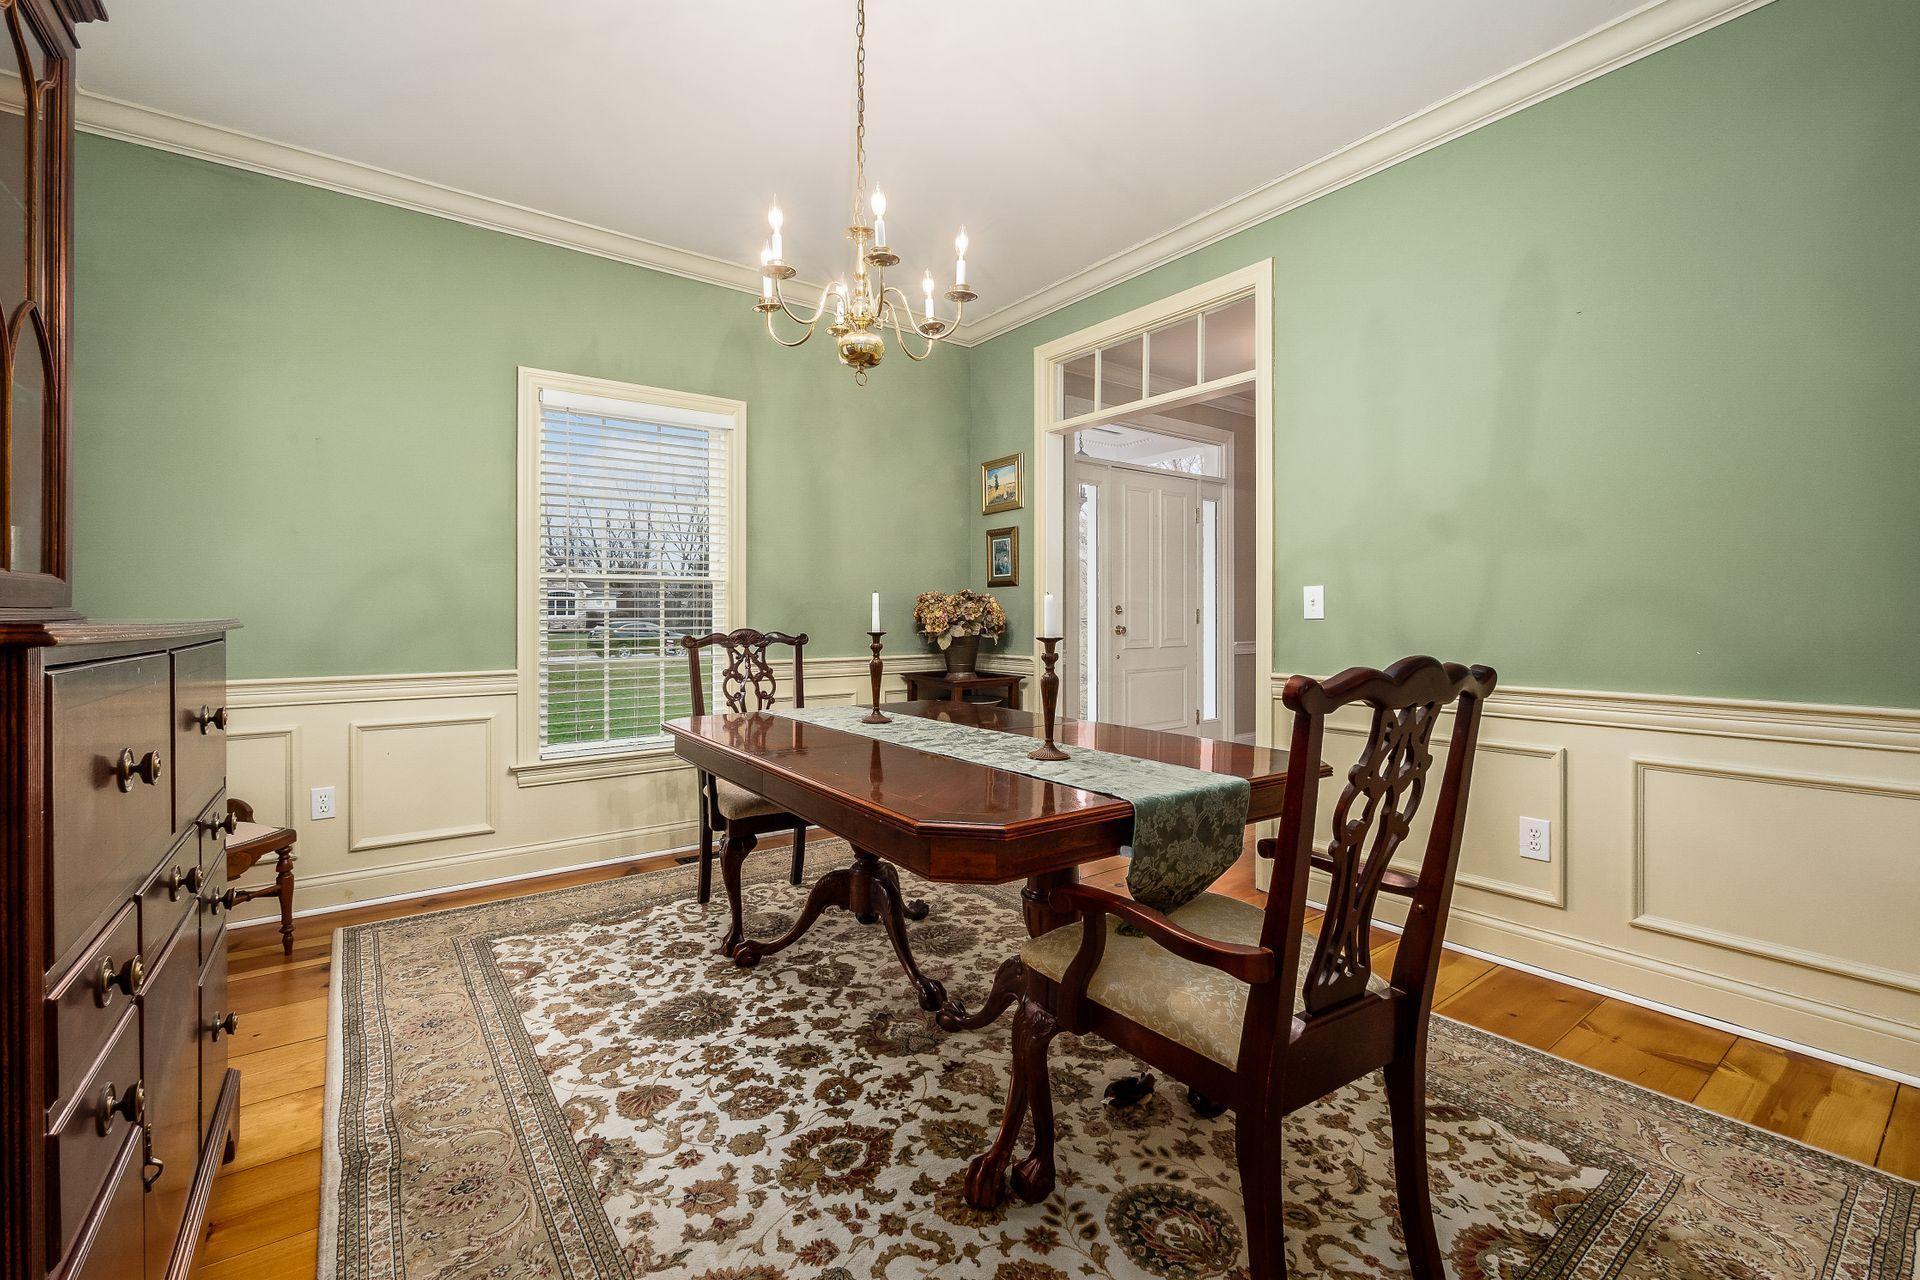 9971 Erin Woods Drive, Dublin, Ohio 43017, 7 Bedrooms Bedrooms, ,5 BathroomsBathrooms,Residential,For Sale,Erin Woods,221001087